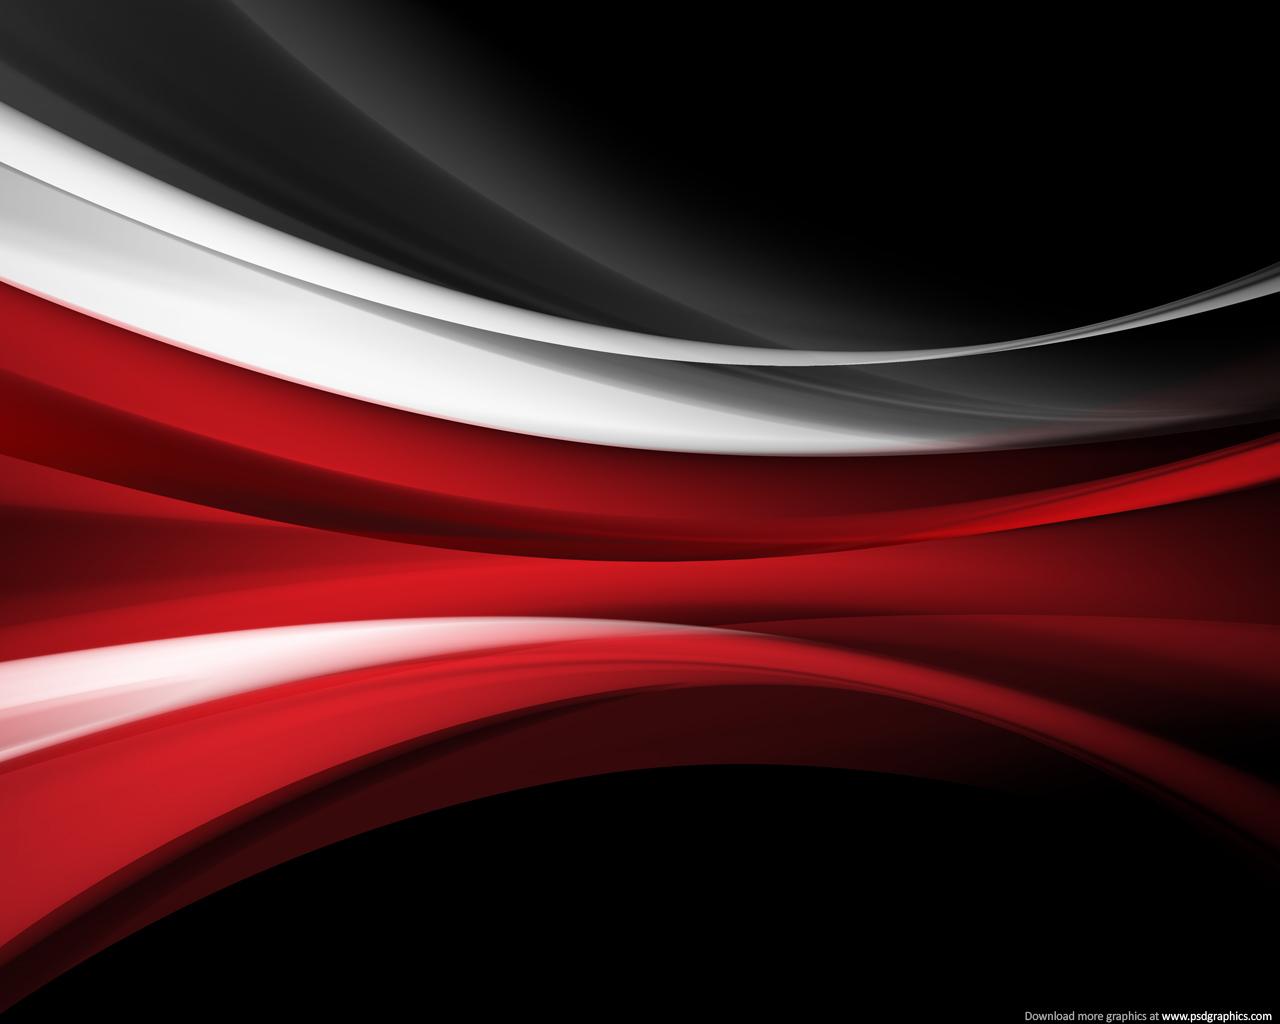 http://3.bp.blogspot.com/-VLBD1utASzc/Tzz-FdGGE1I/AAAAAAAAE0k/qsgogxMjOmE/s1600/light-trails-background.jpg